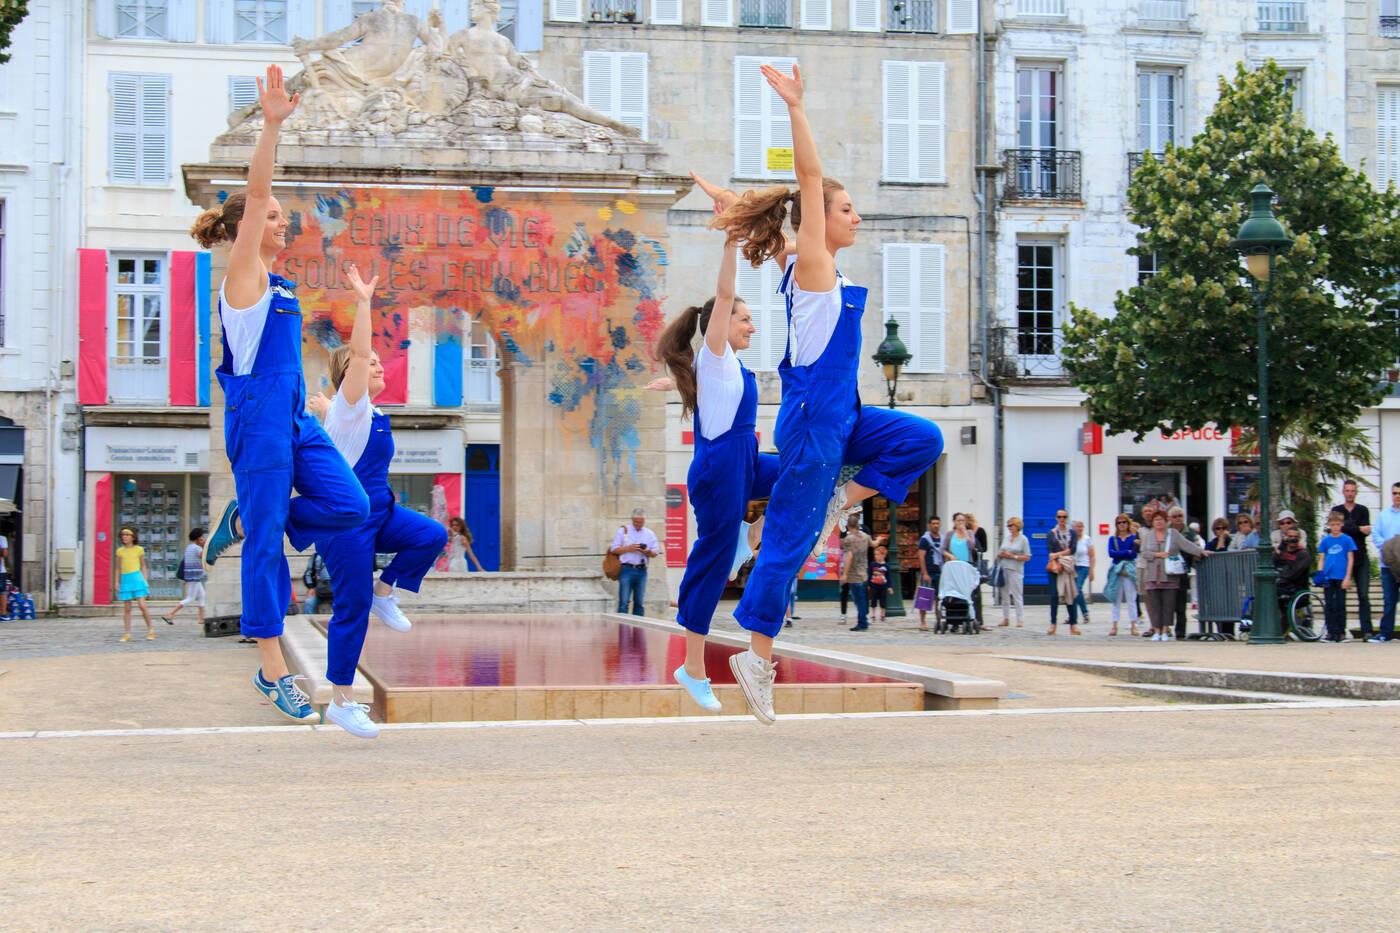 Rochefort ville en f te office de tourisme de rochefort for Piscine de rochefort